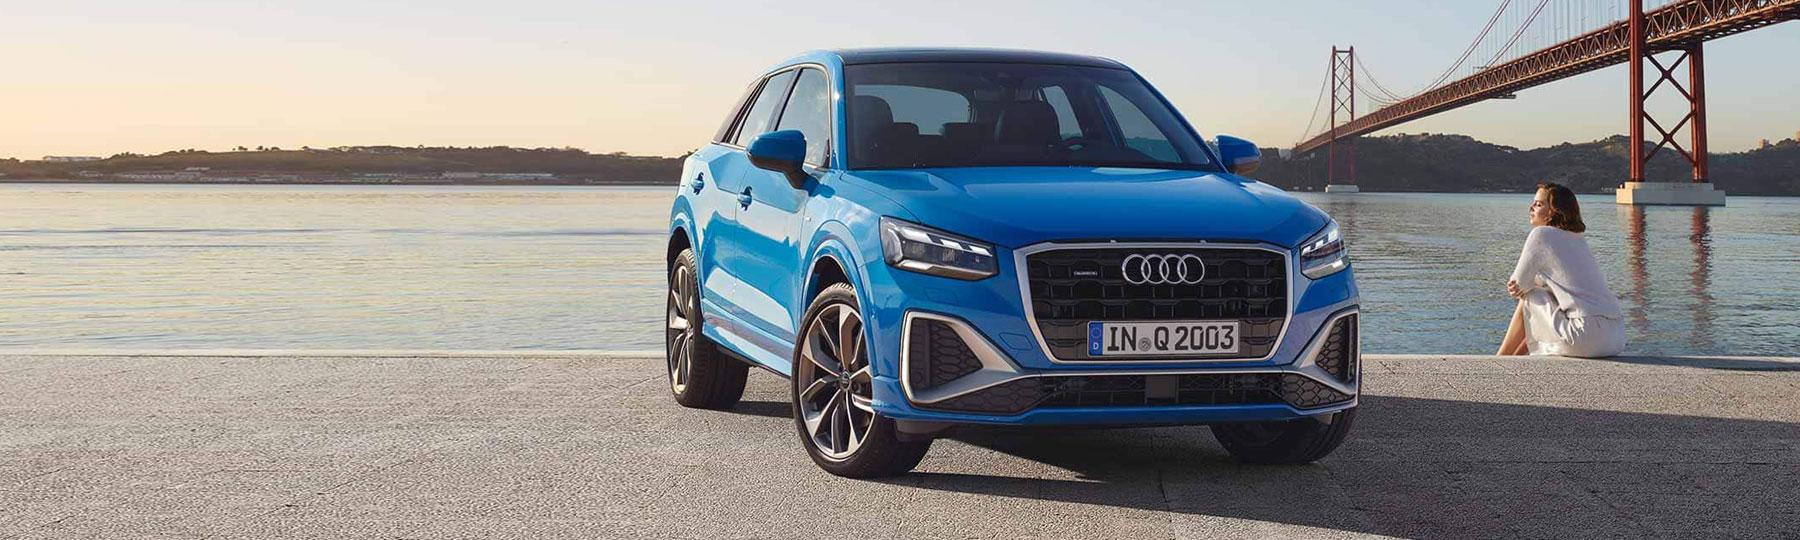 Audi Q2 New Car Offer